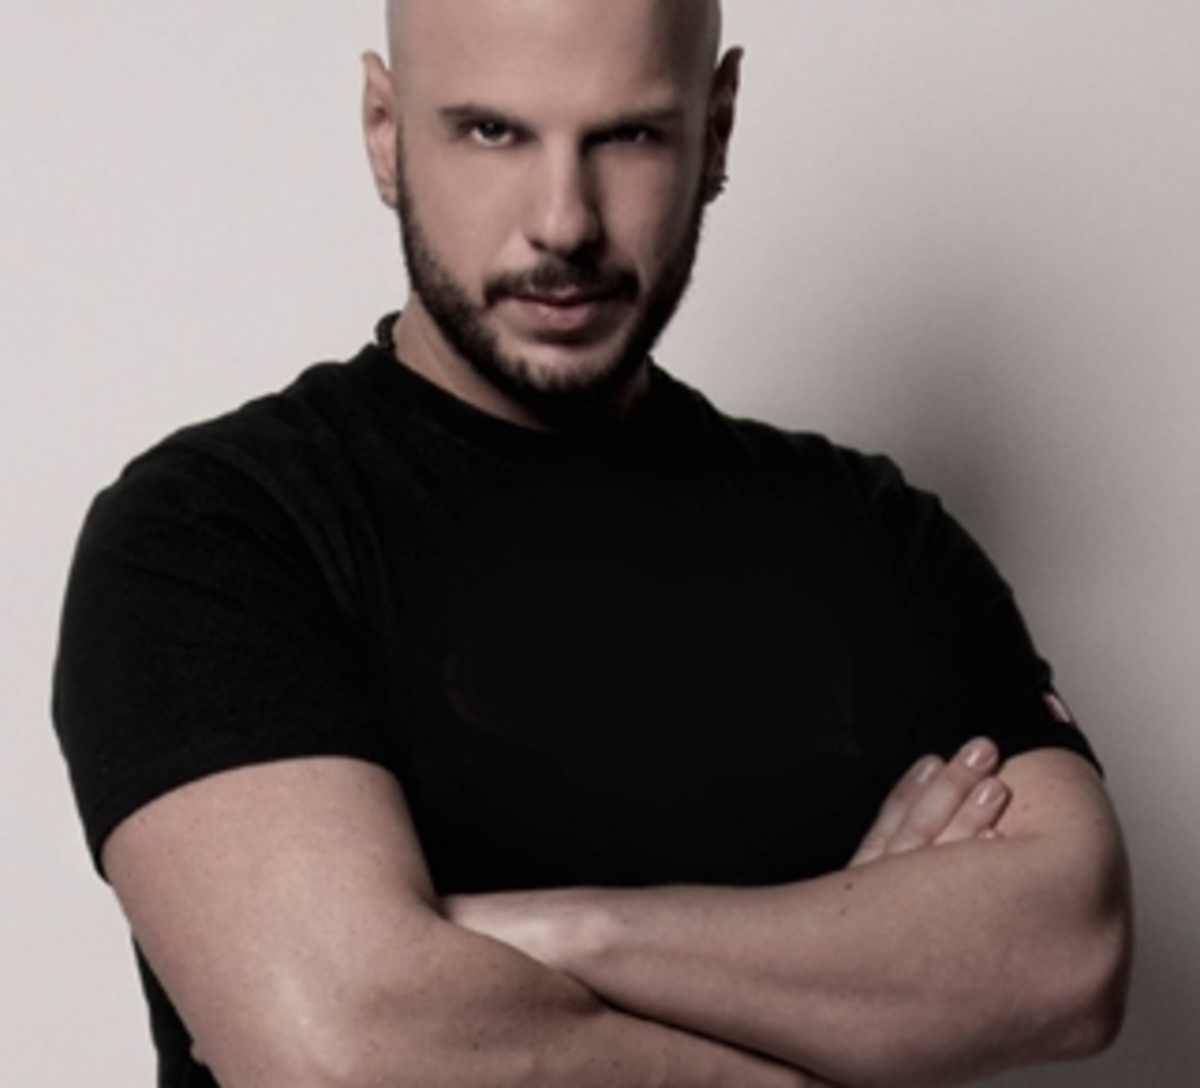 Εφιάλτης οι εκβιασμοί κατά του γνωστού τραγουδιστή | Newsit.gr